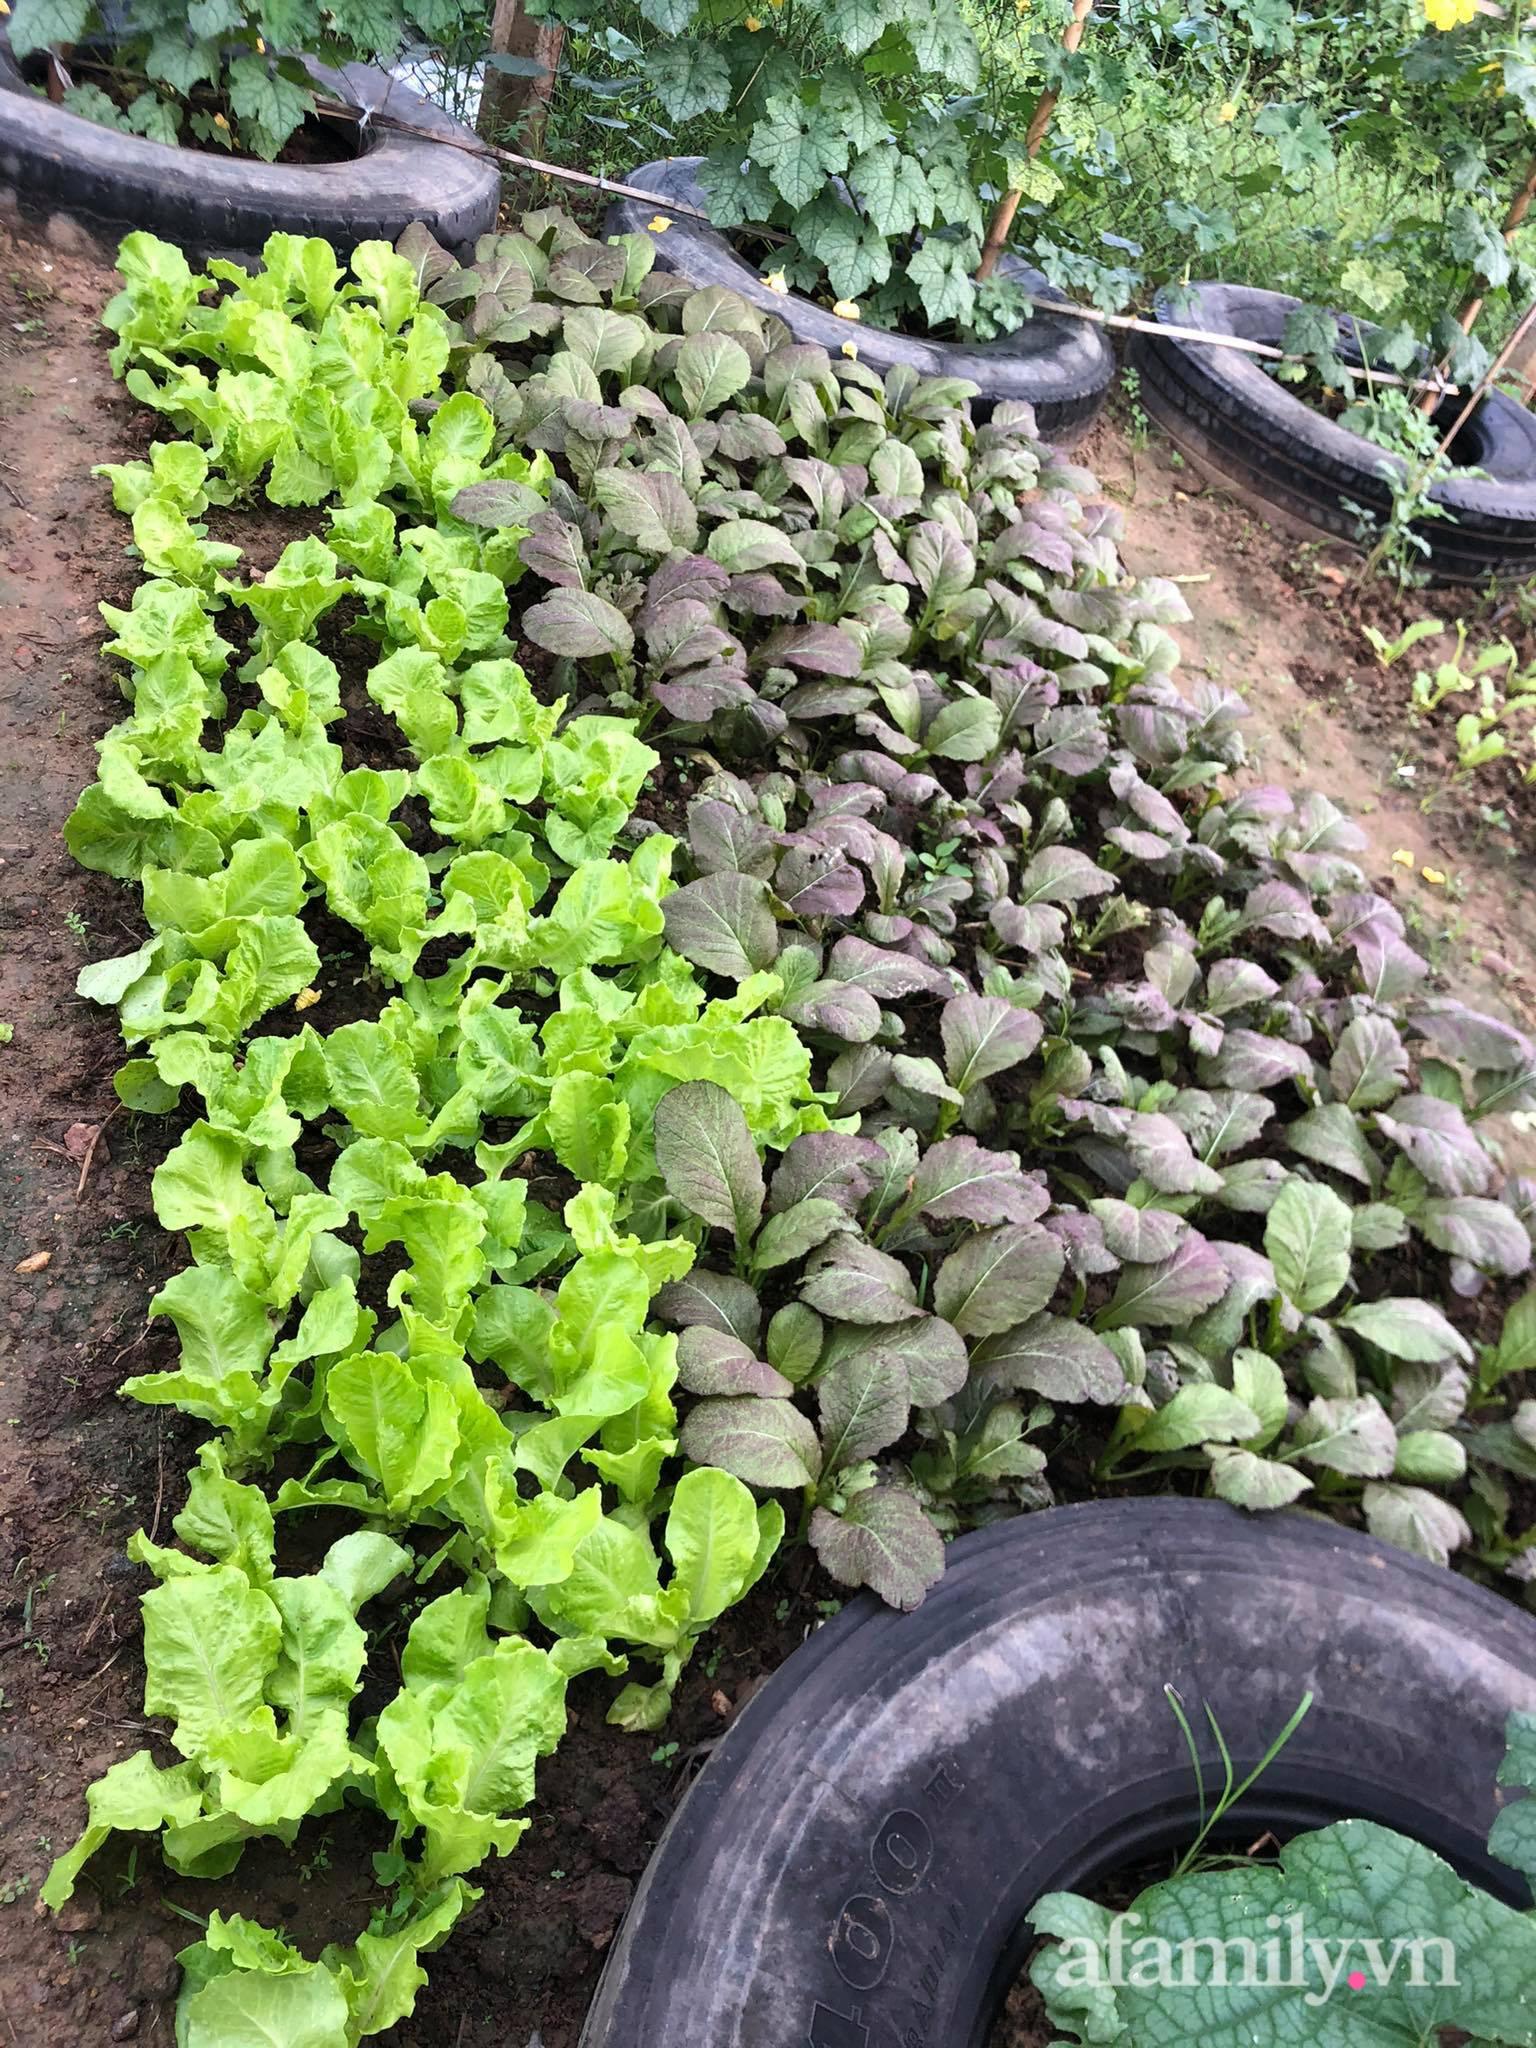 Vườn 500m² được quy hoạch khoa học để trồng đủ các loại rau quả sạch của mẹ đảm ở Quy Nhơn - Ảnh 2.